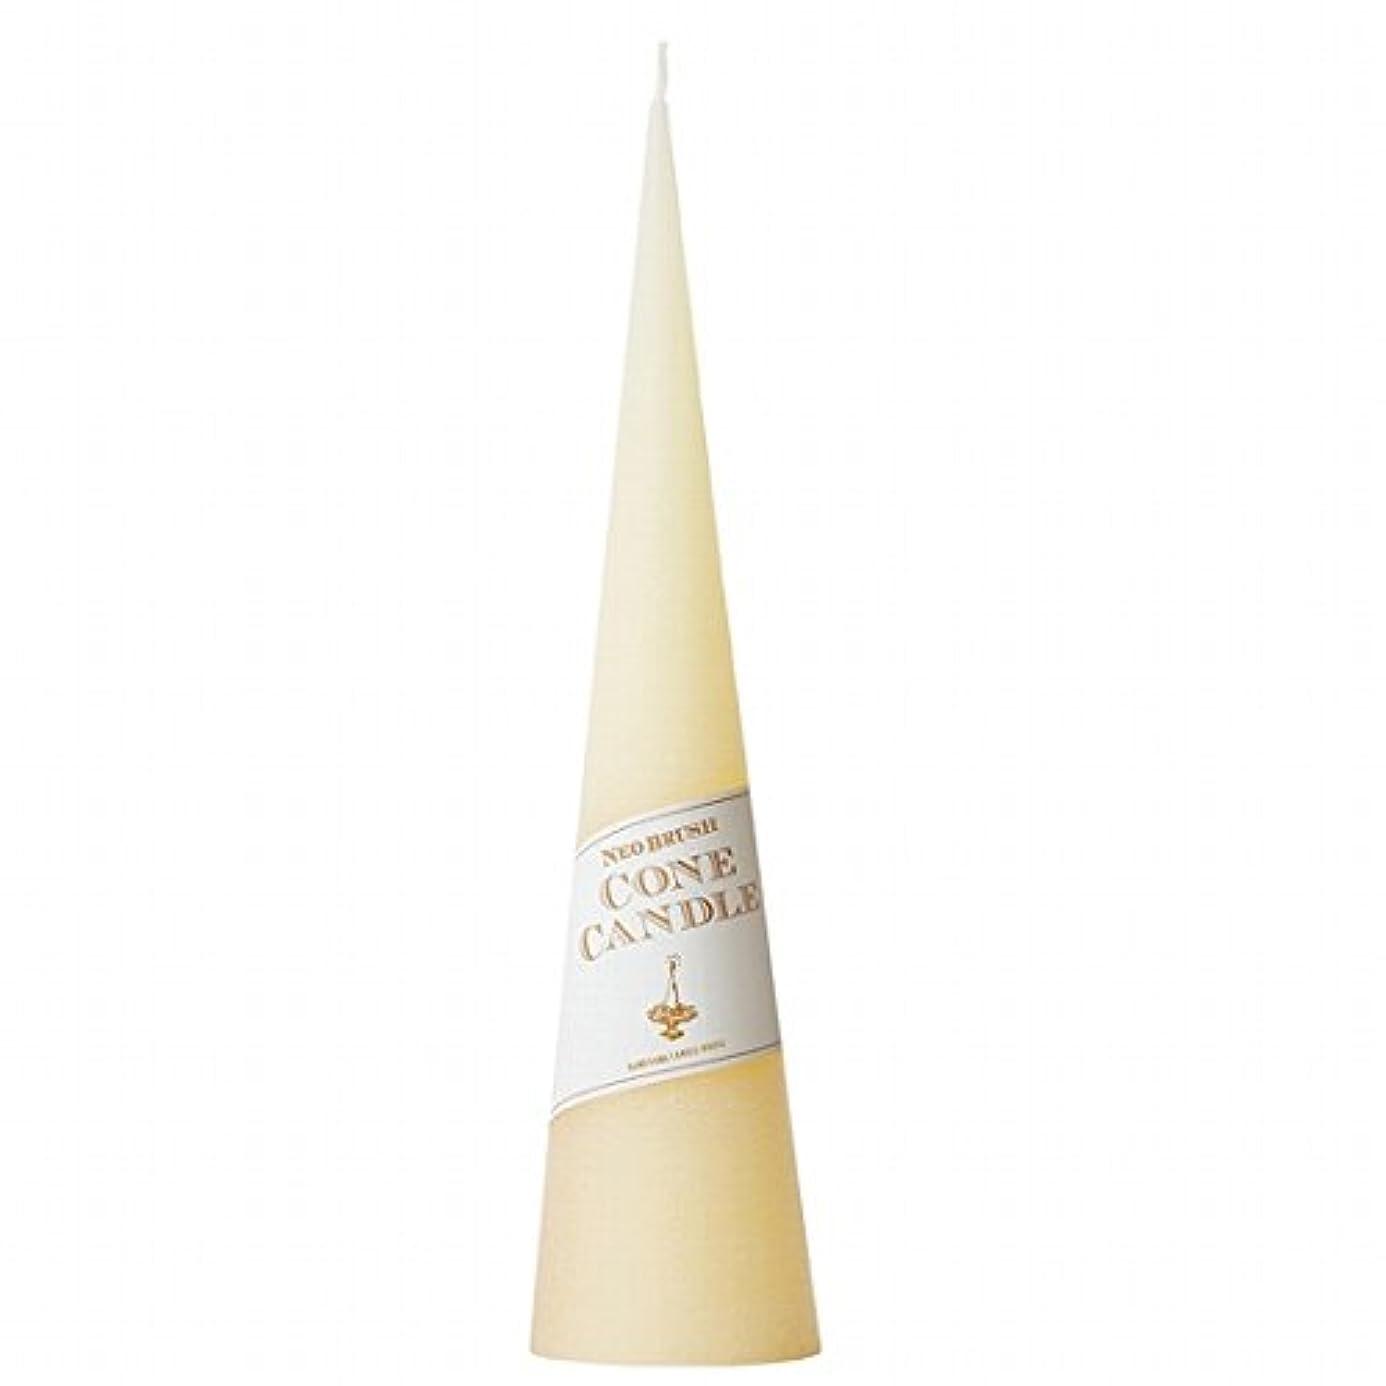 アクセントファシズムメカニックカメヤマキャンドル(kameyama candle) ネオブラッシュコーン 295 キャンドル 「 アイボリー 」